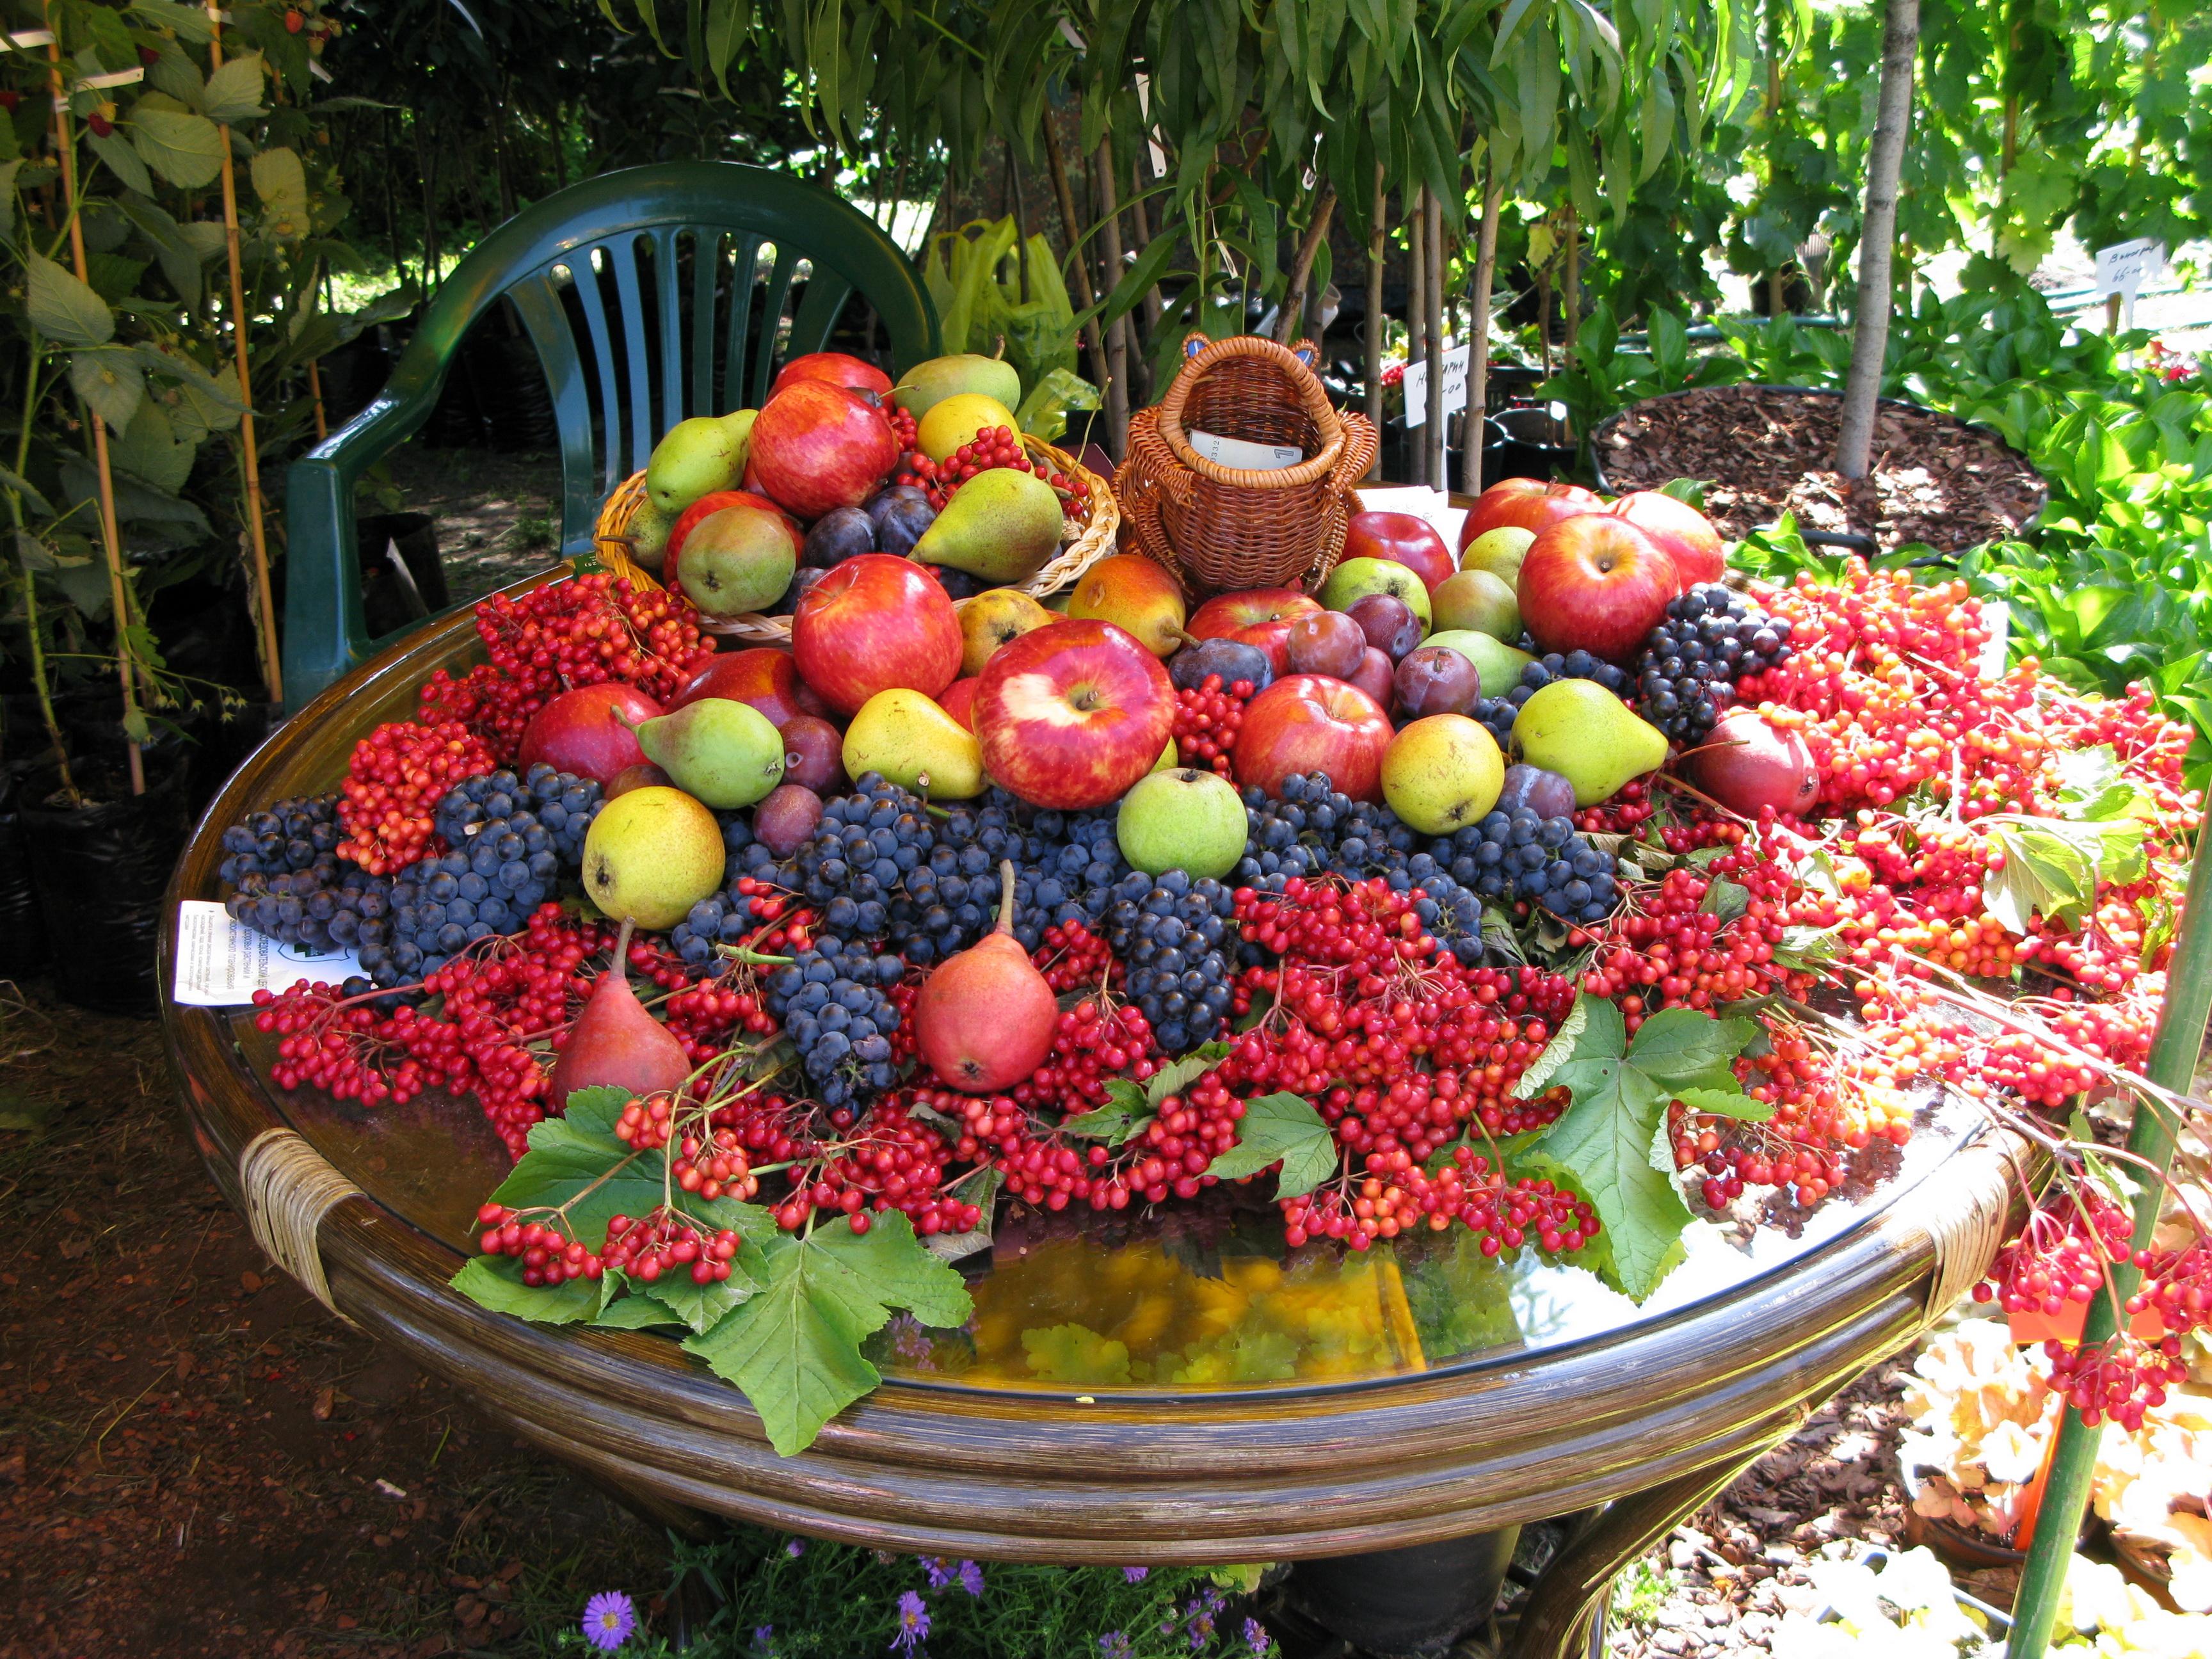 Поздравление в стиле фруктовый сад